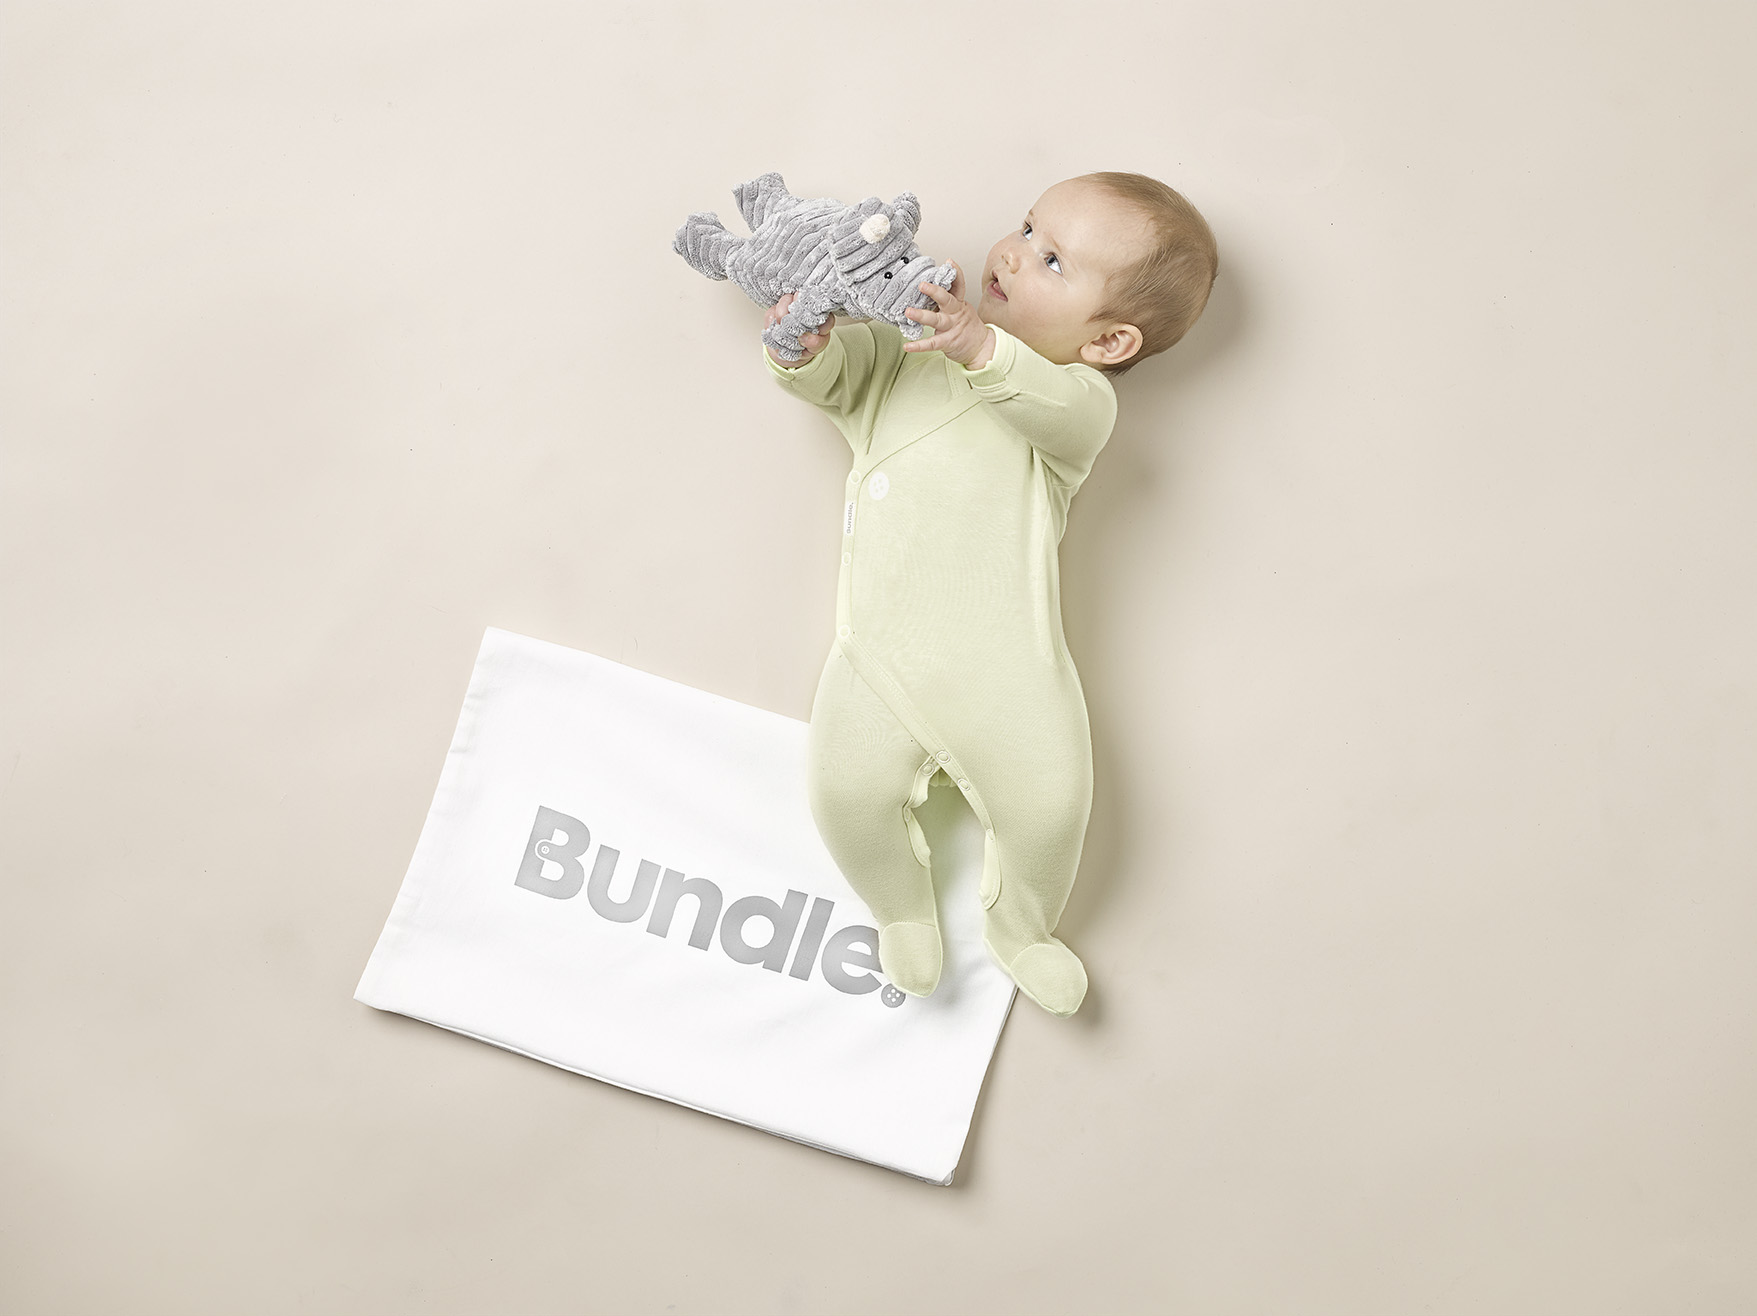 Bundle2726_V3_low.jpg